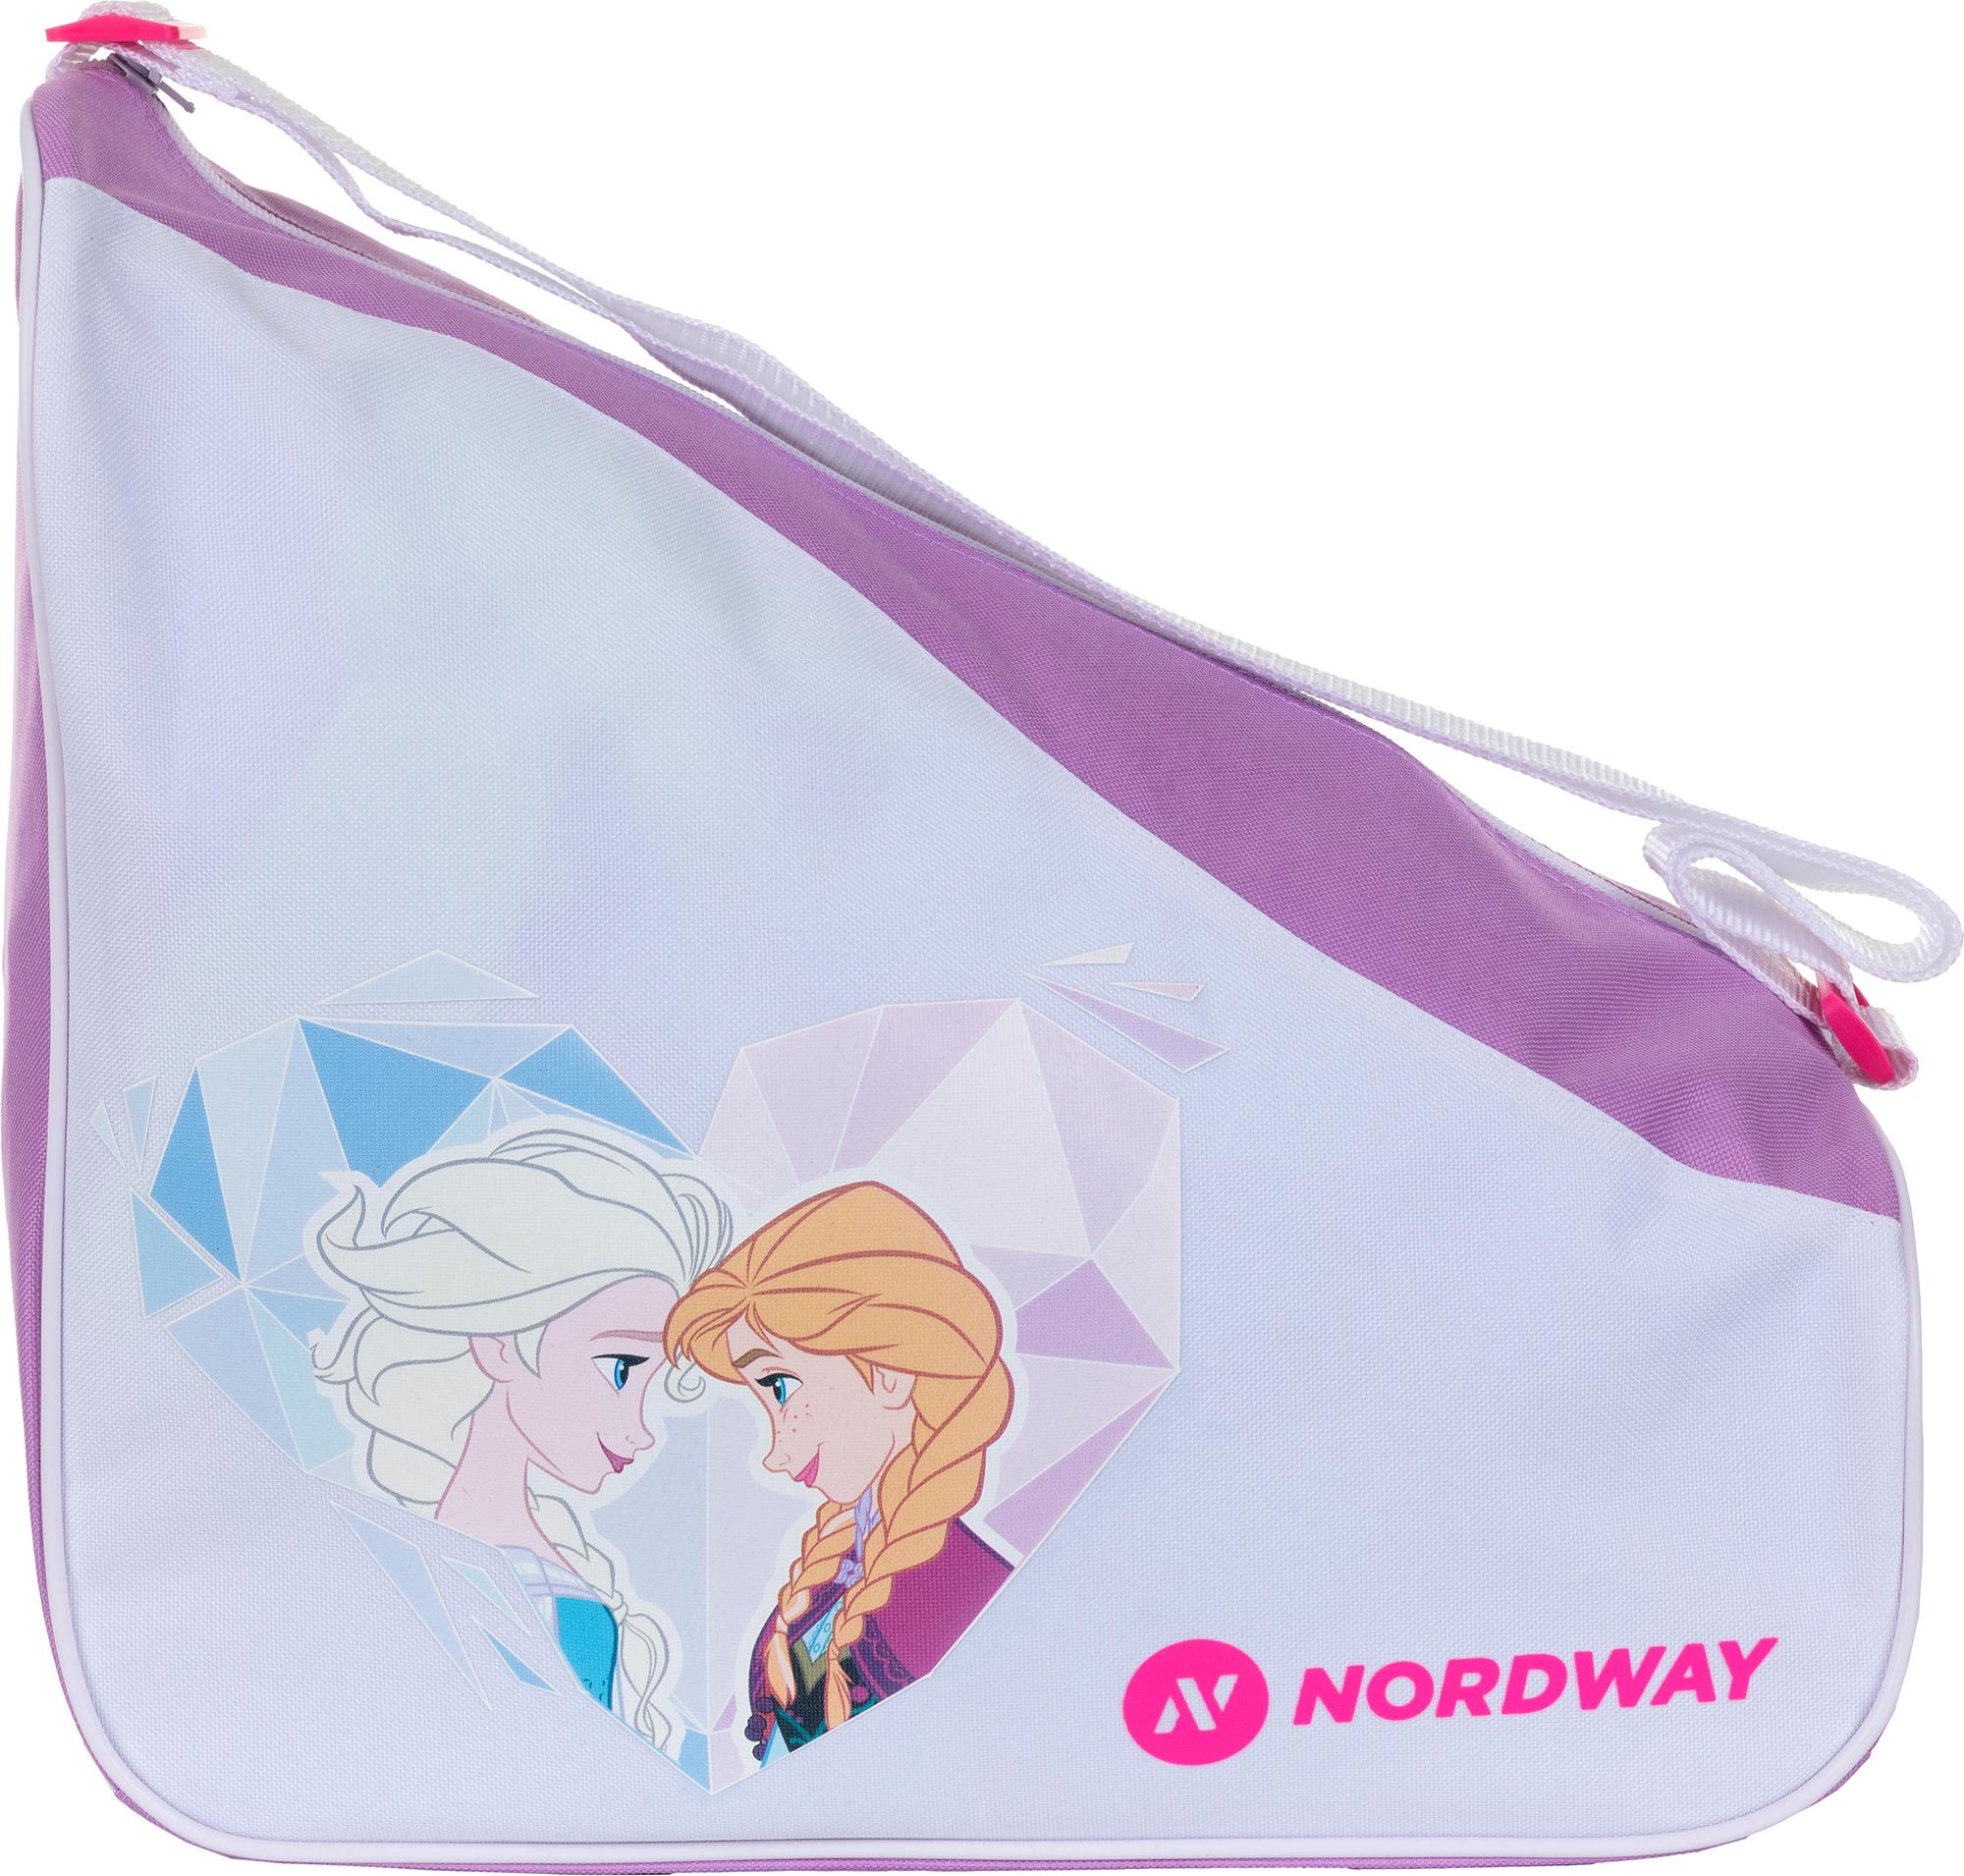 nordway клюшка хоккейная детская nordway Nordway Сумка для ледовых коньков детская Nordway FROZEN